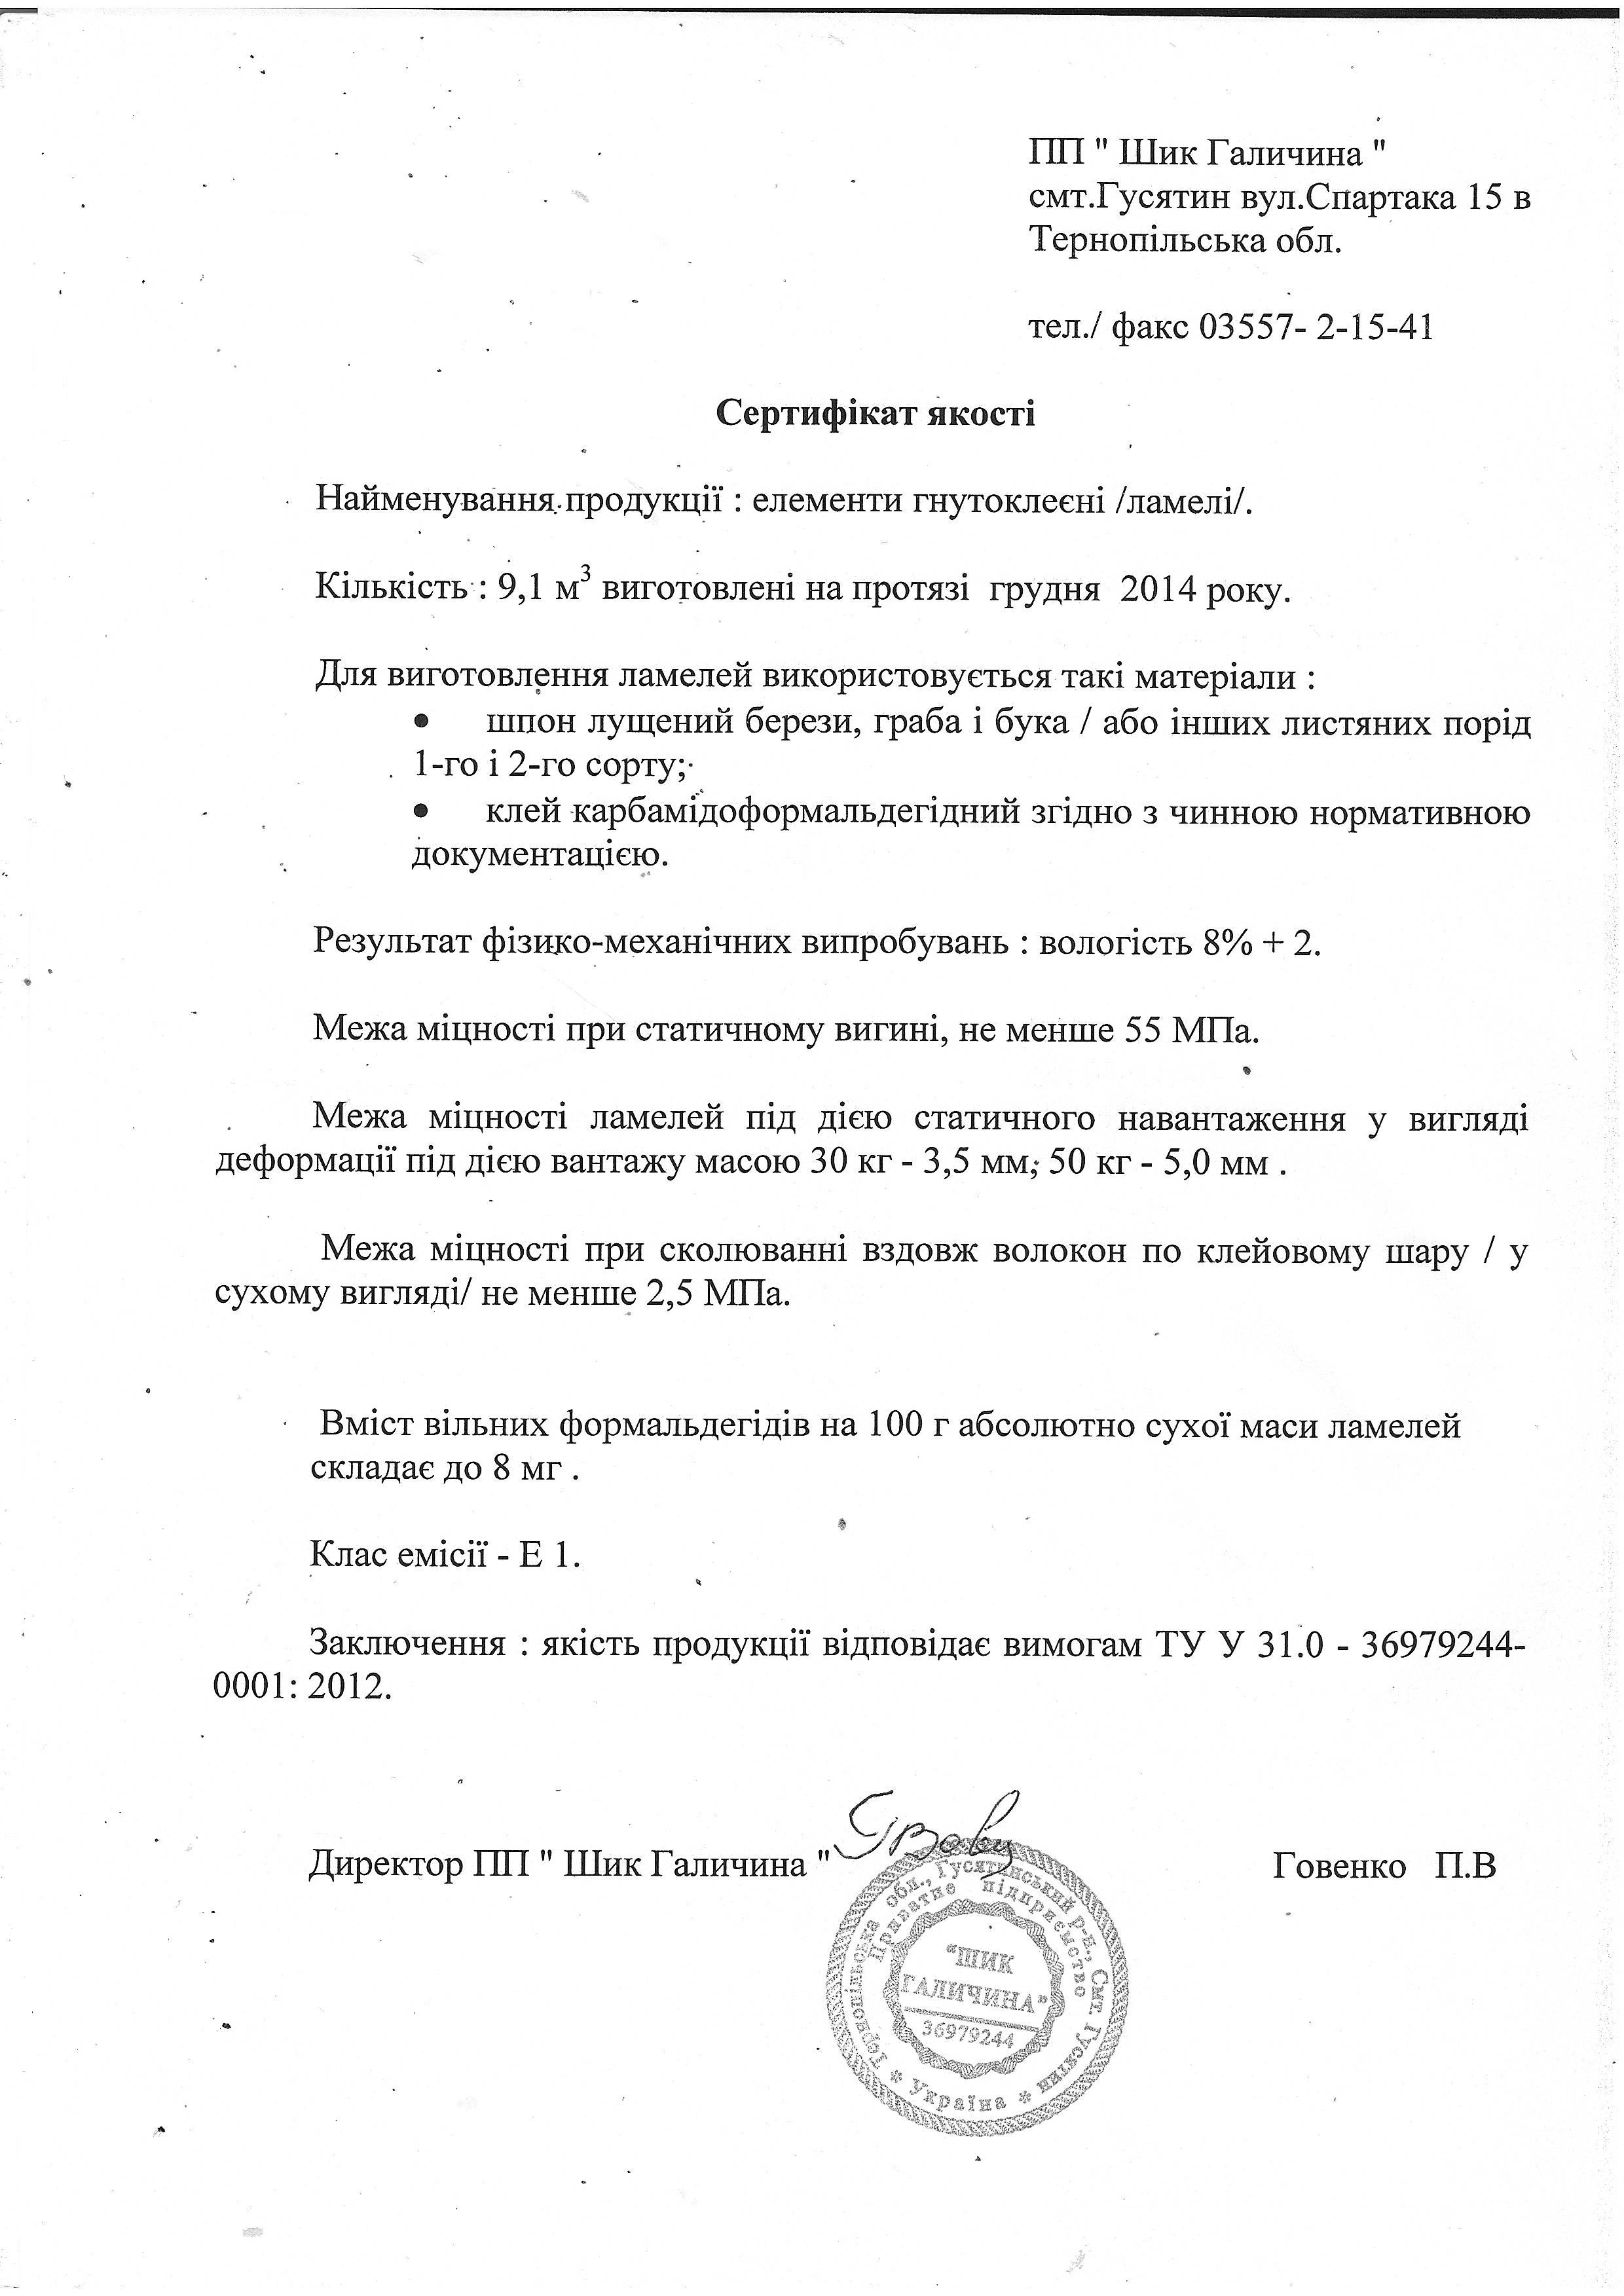 Сертификат качества на ламели